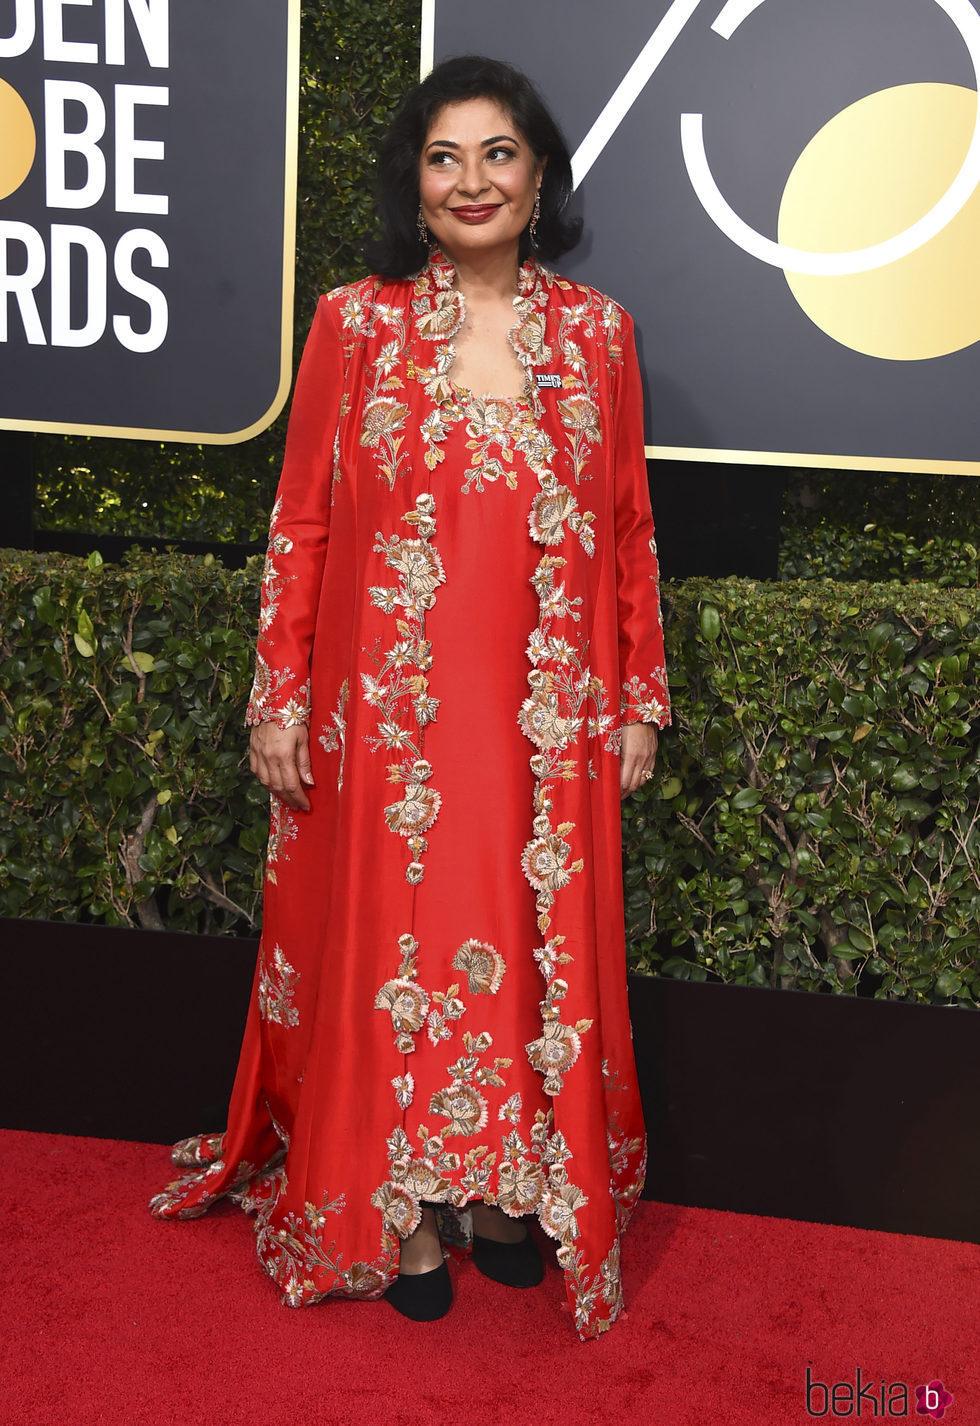 Meher Tatna, la Presidenta de la HFPA en la alfombra roja de los Globos de Oro 2018